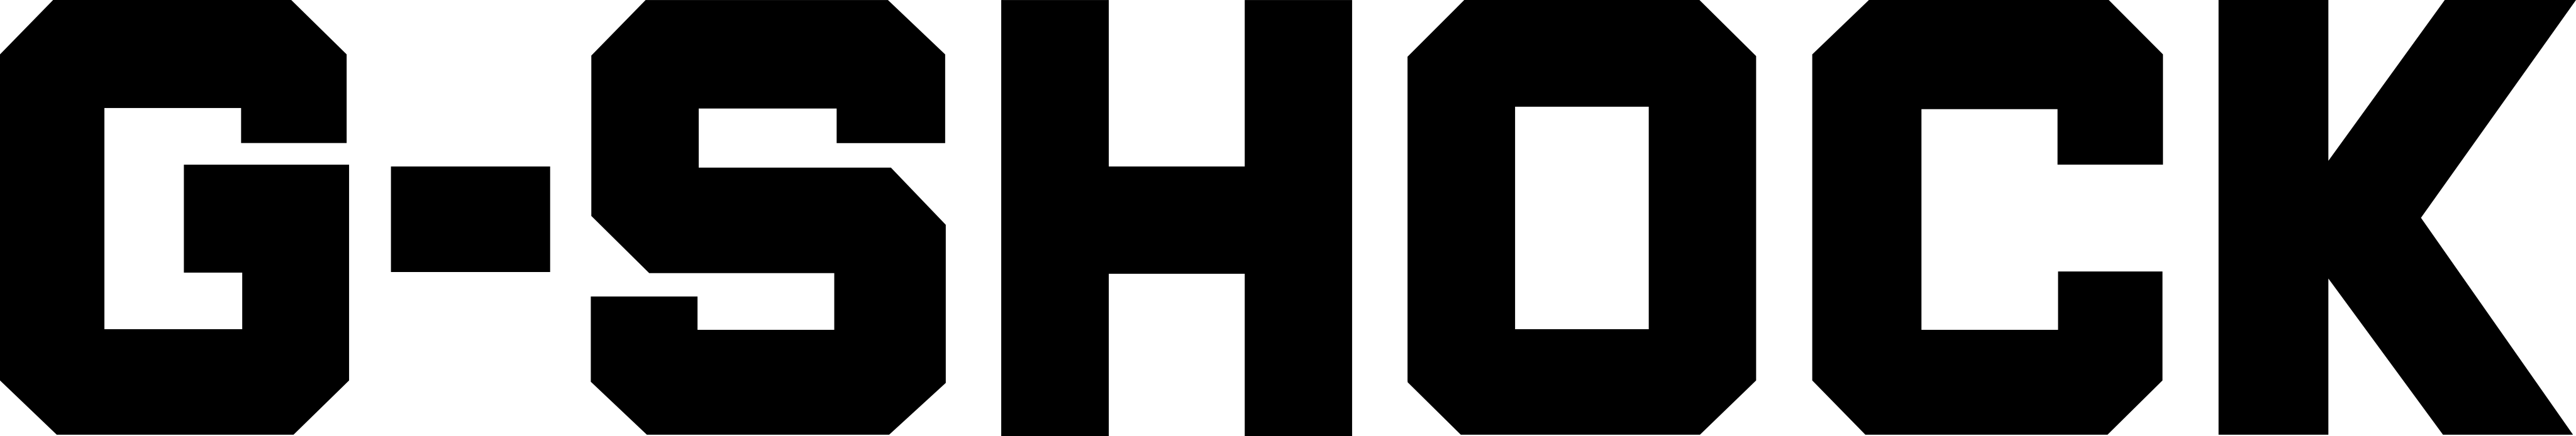 g shock logo - G-Shock Logo